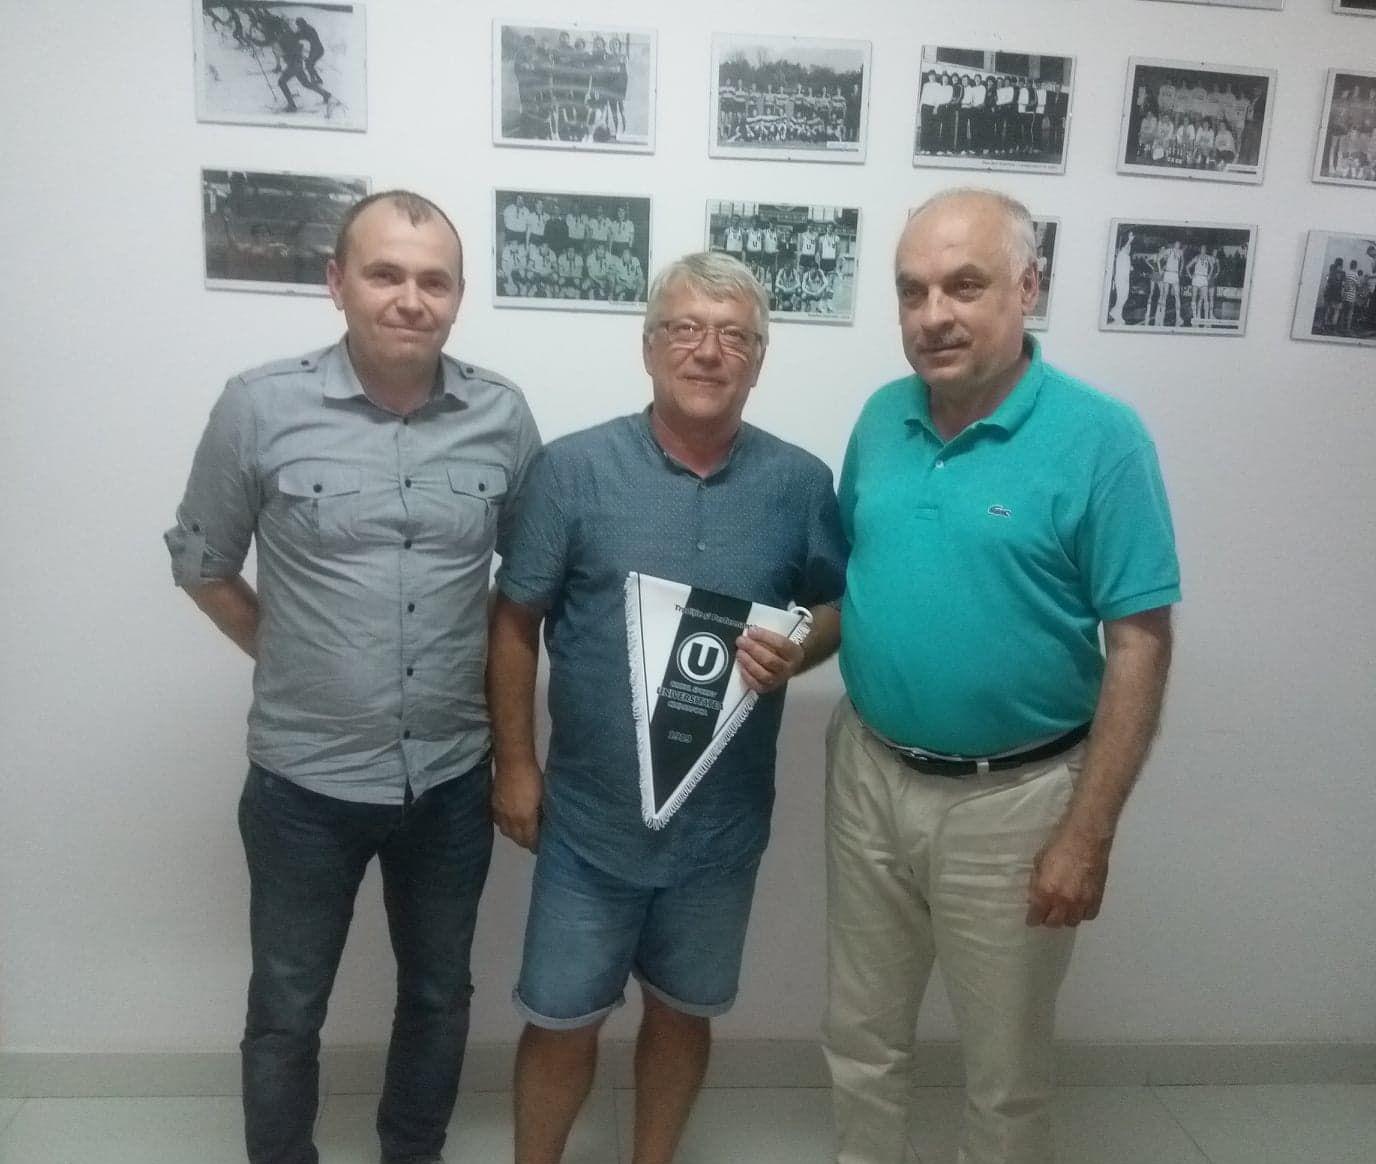 """De la stânga la dreapta: Claudiu Fechete (Președintele secției de Tir Sportiv), Sorin Babii (Președintele FRTS), Ovidiu Vasu (director CS """"U"""" Cluj)"""